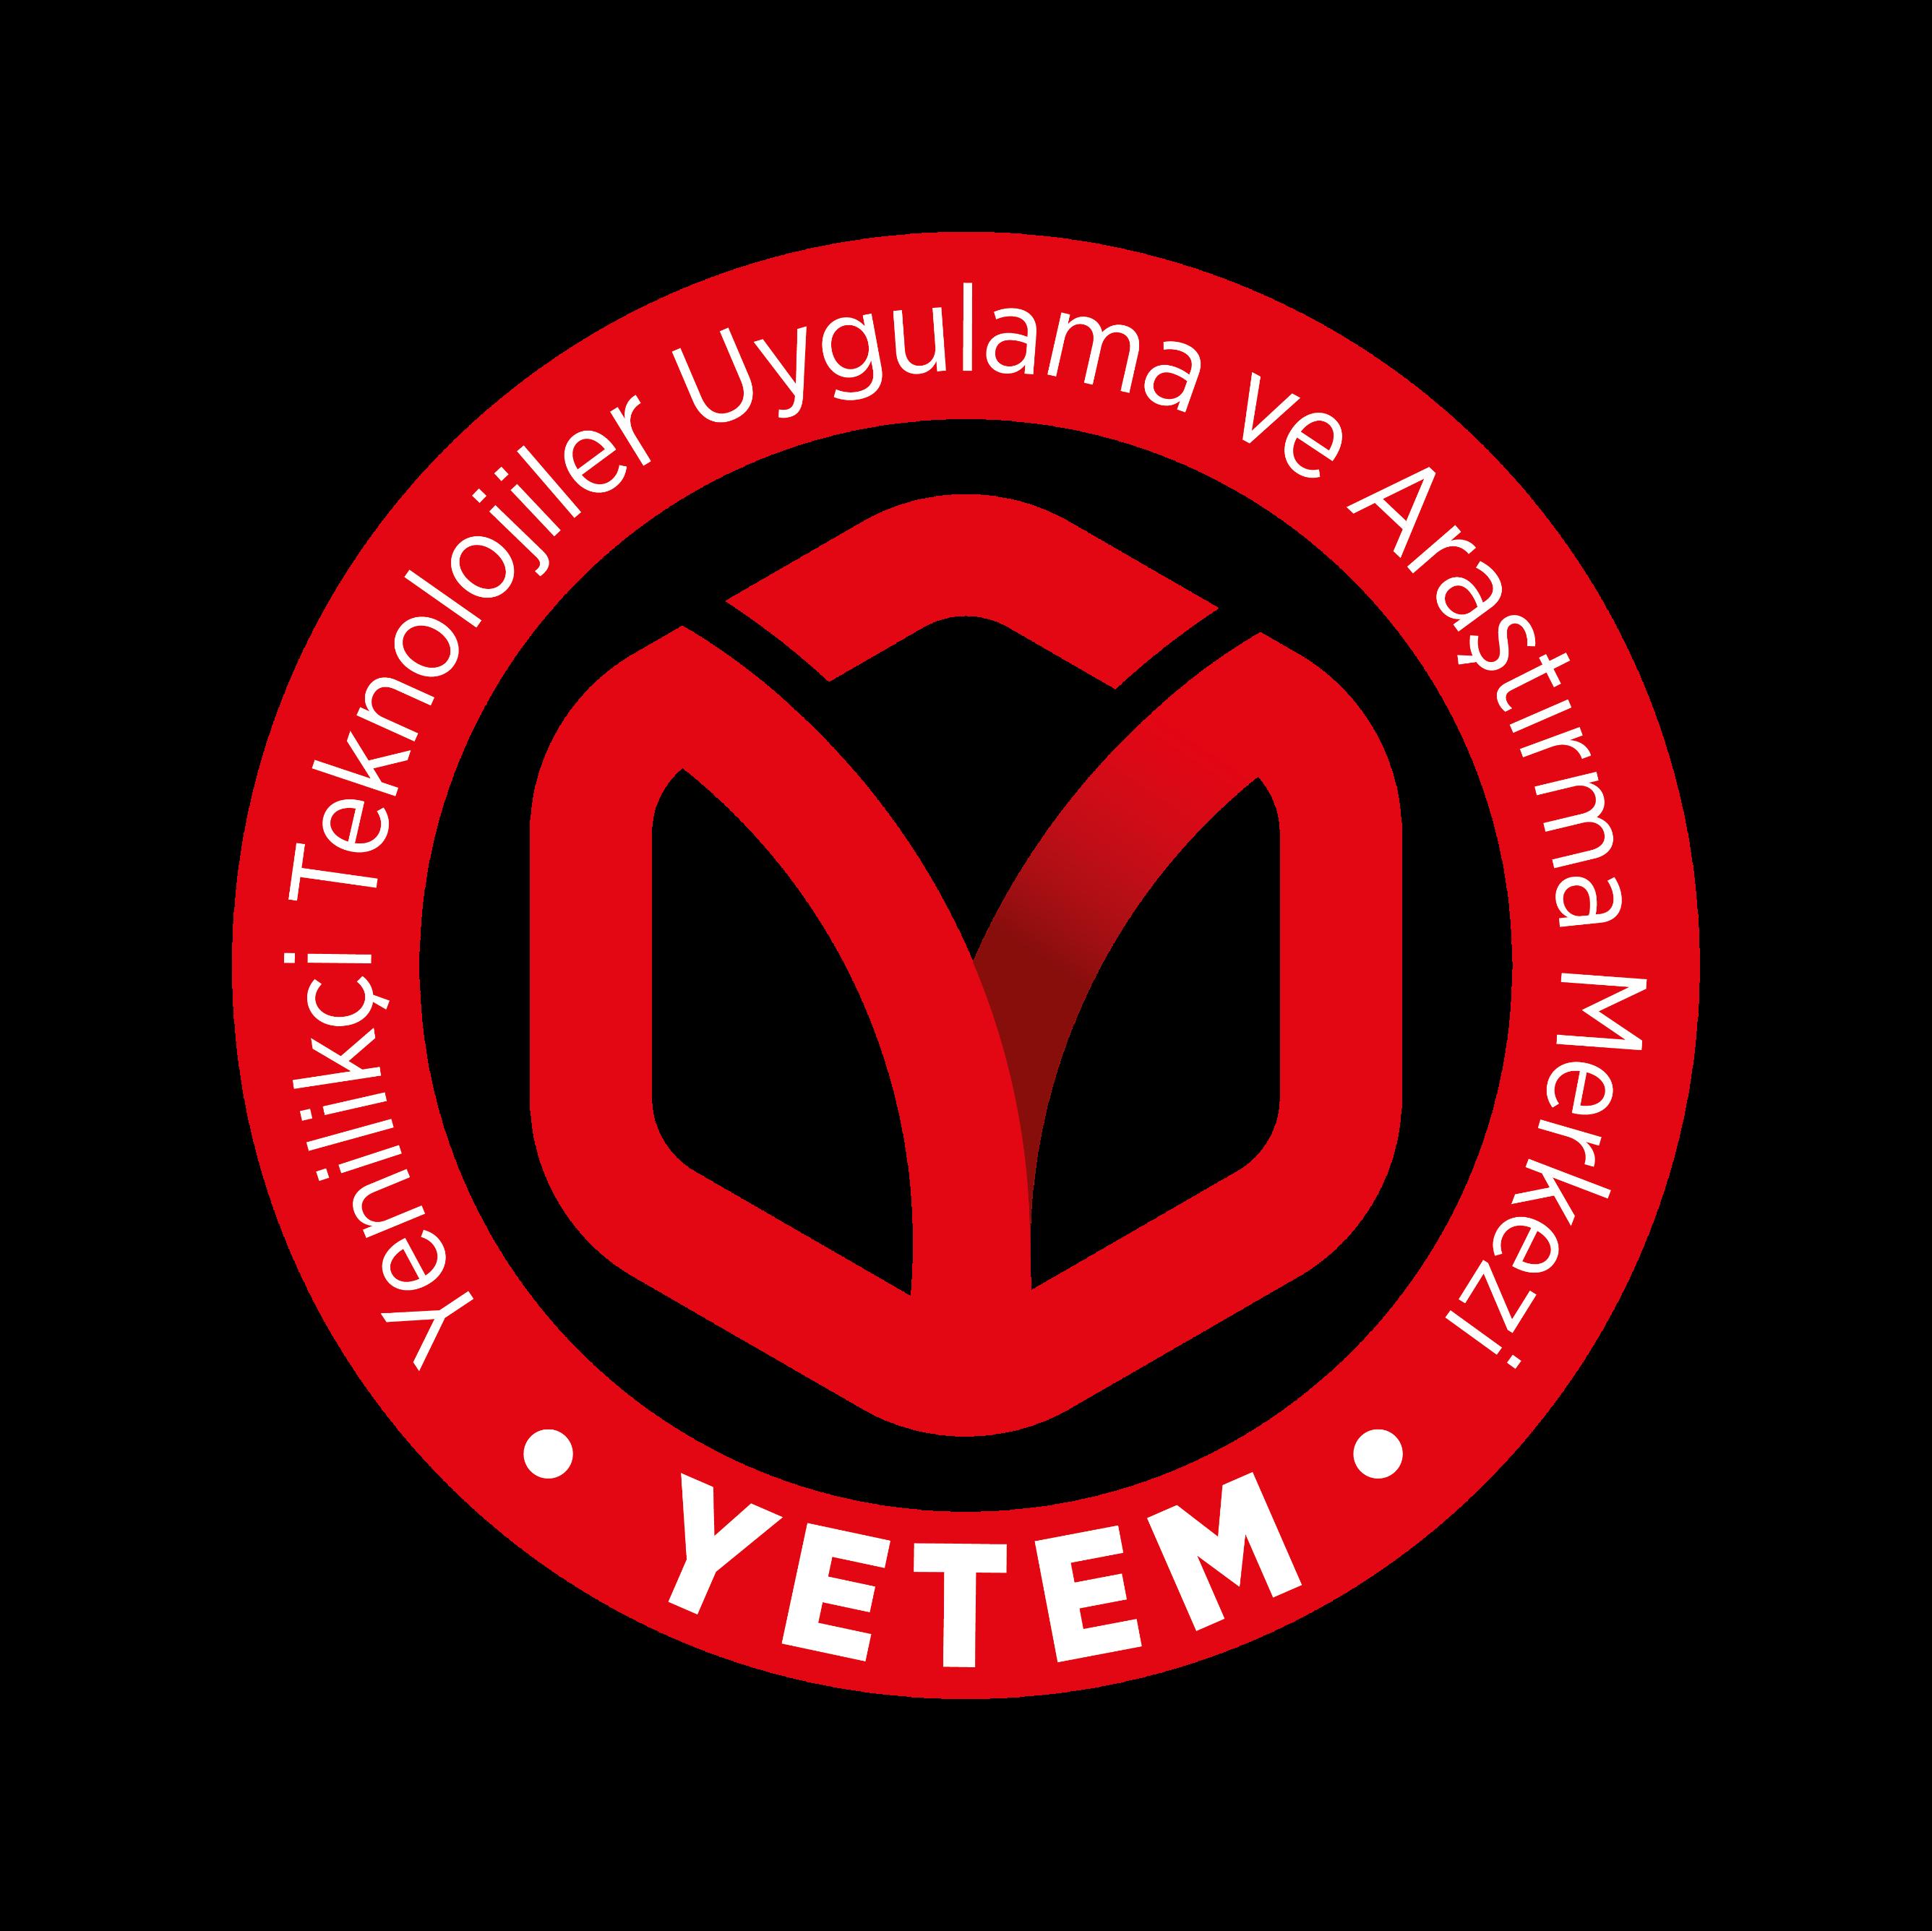 YETEM-Yenilikçi Teknolojiler Uygulama ve Araştırma Merkezi